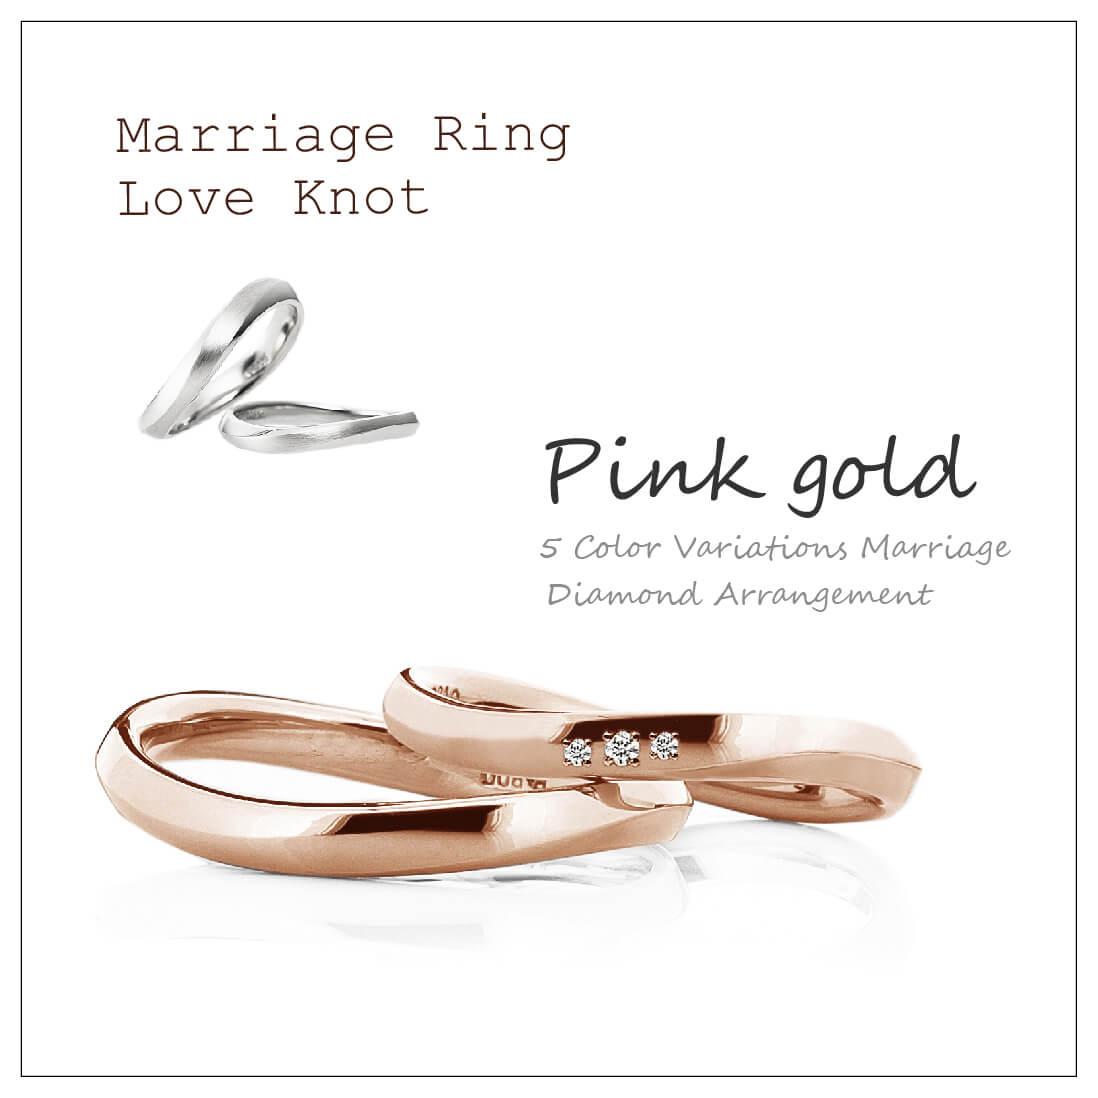 ウエーブのペアの結婚指輪です。2本ともピンクゴールドで、レディースは真ん中に3ピースのダイヤモンドを留めています。